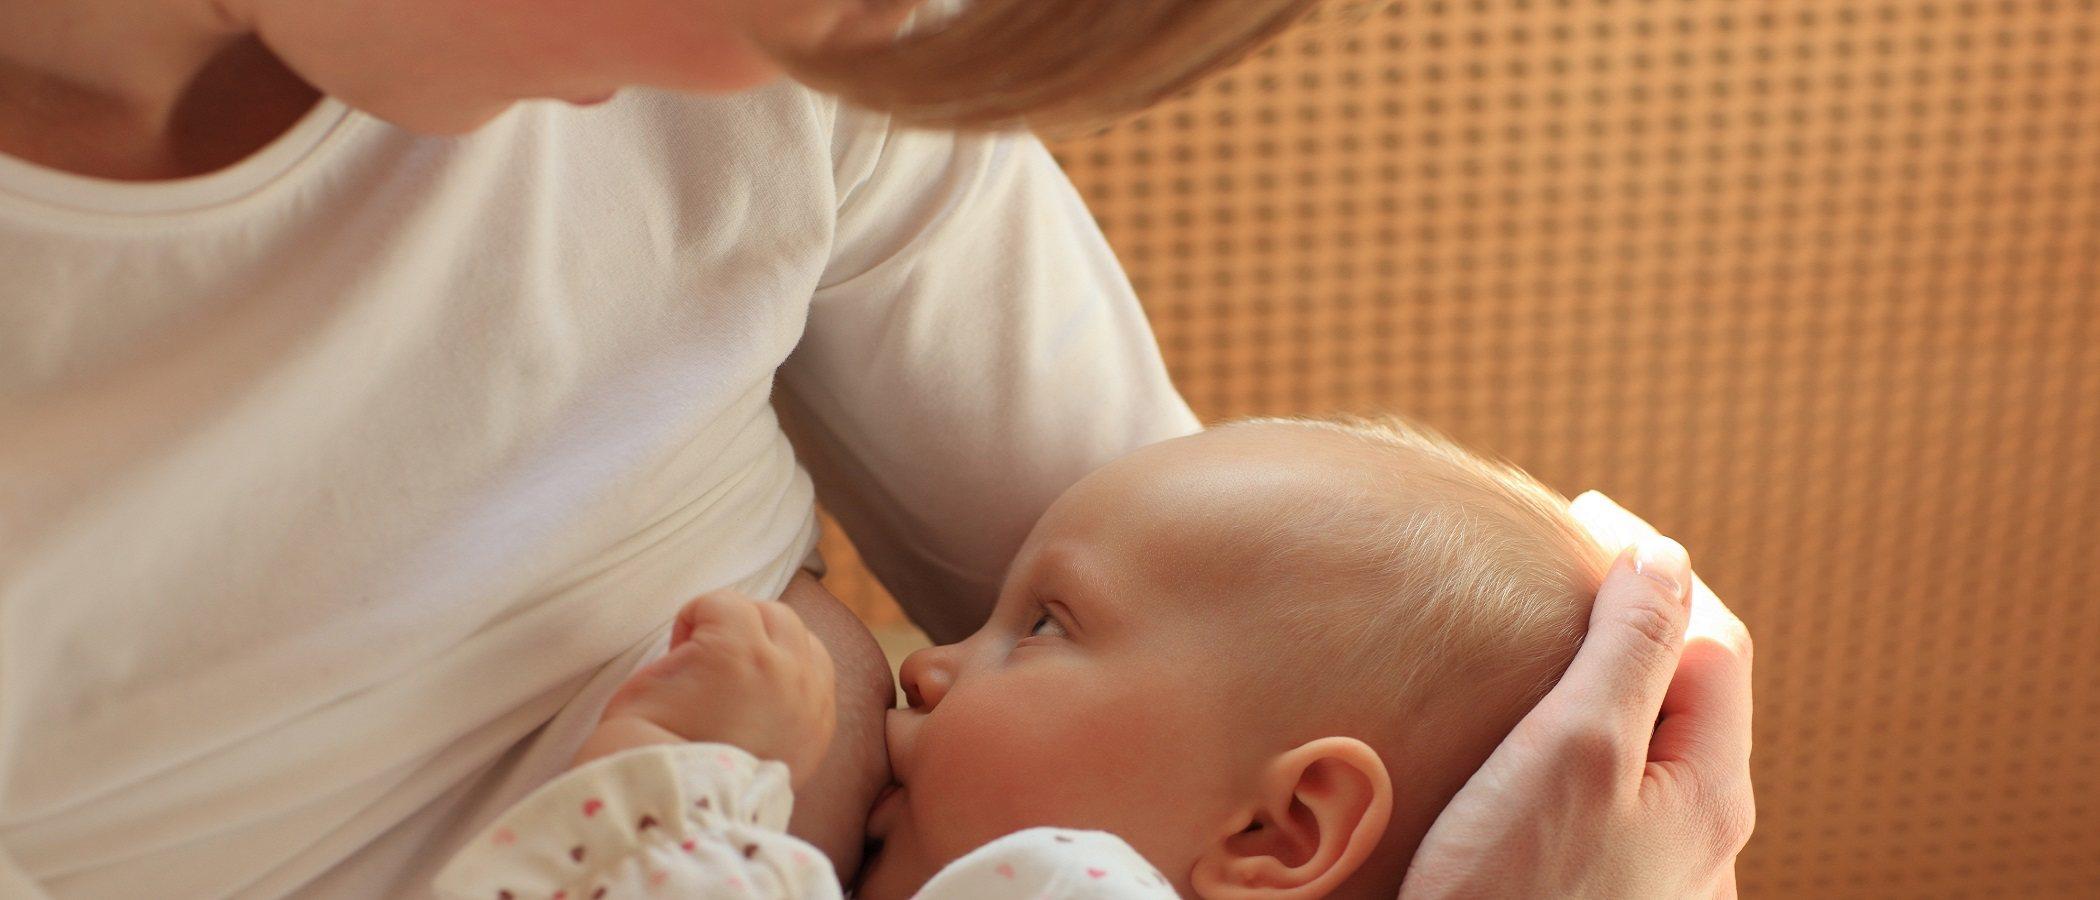 La dureza de ser madre a tiempo completo